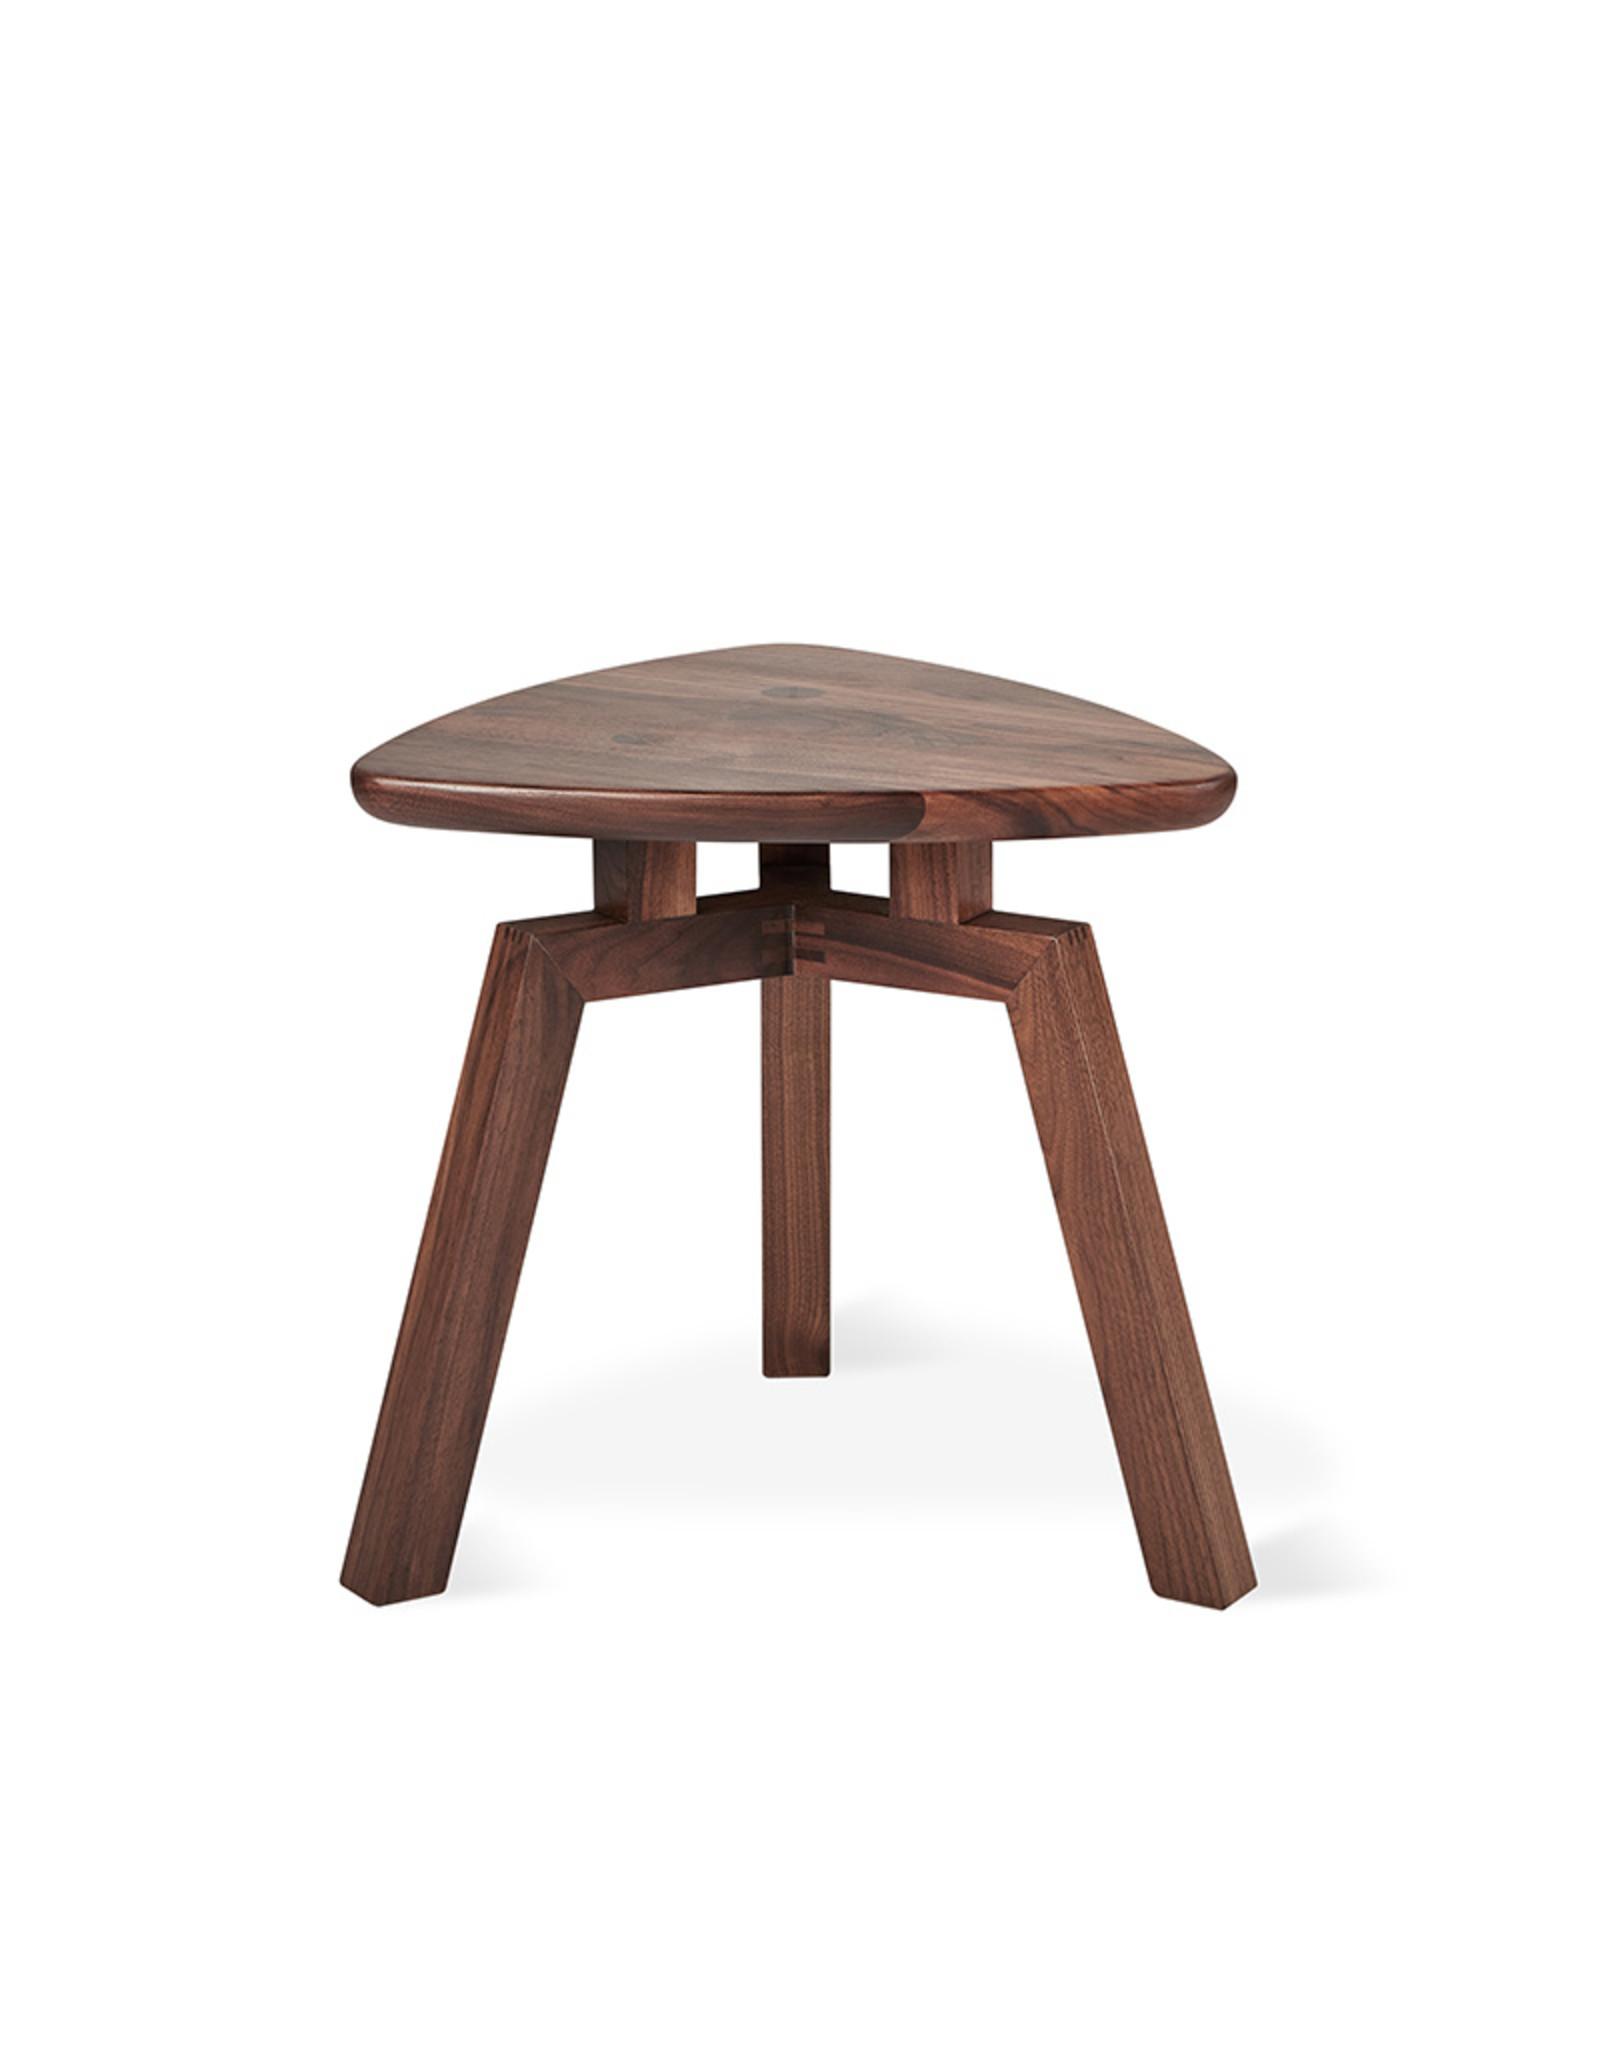 Gus* Modern Solana Triangular End Table